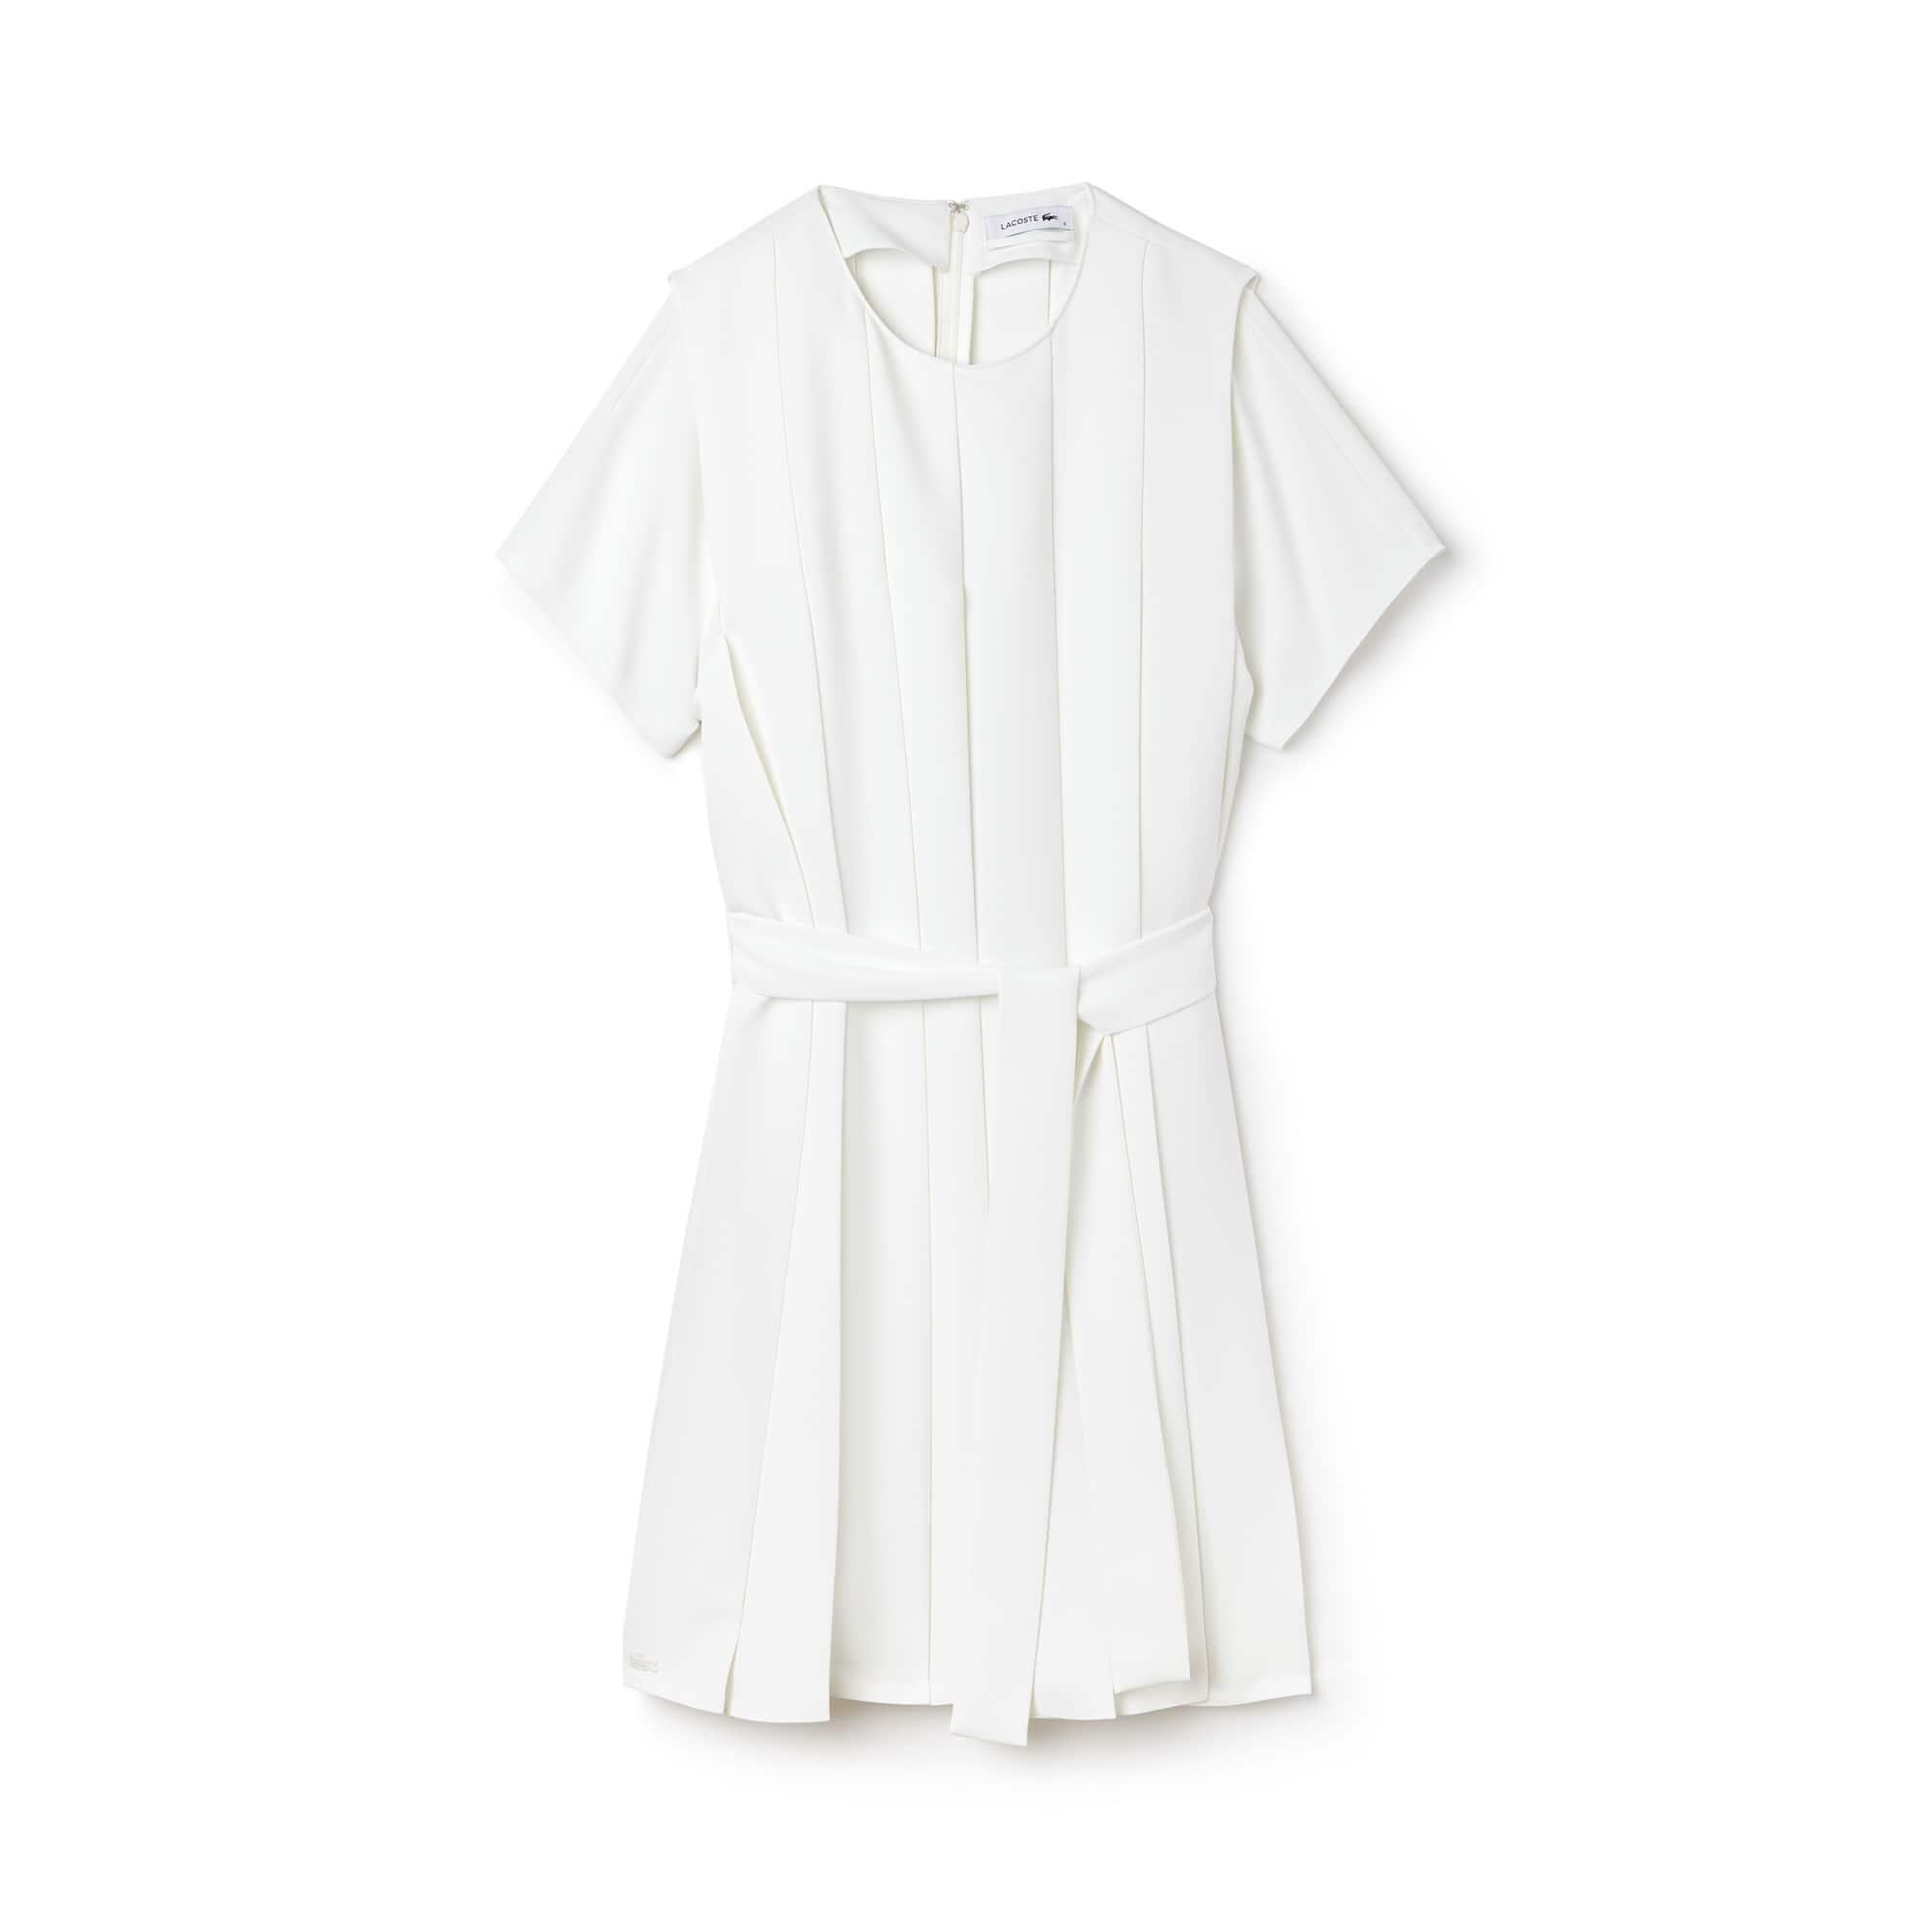 Vestido plissado com mangas três quartos em crepe unicolor